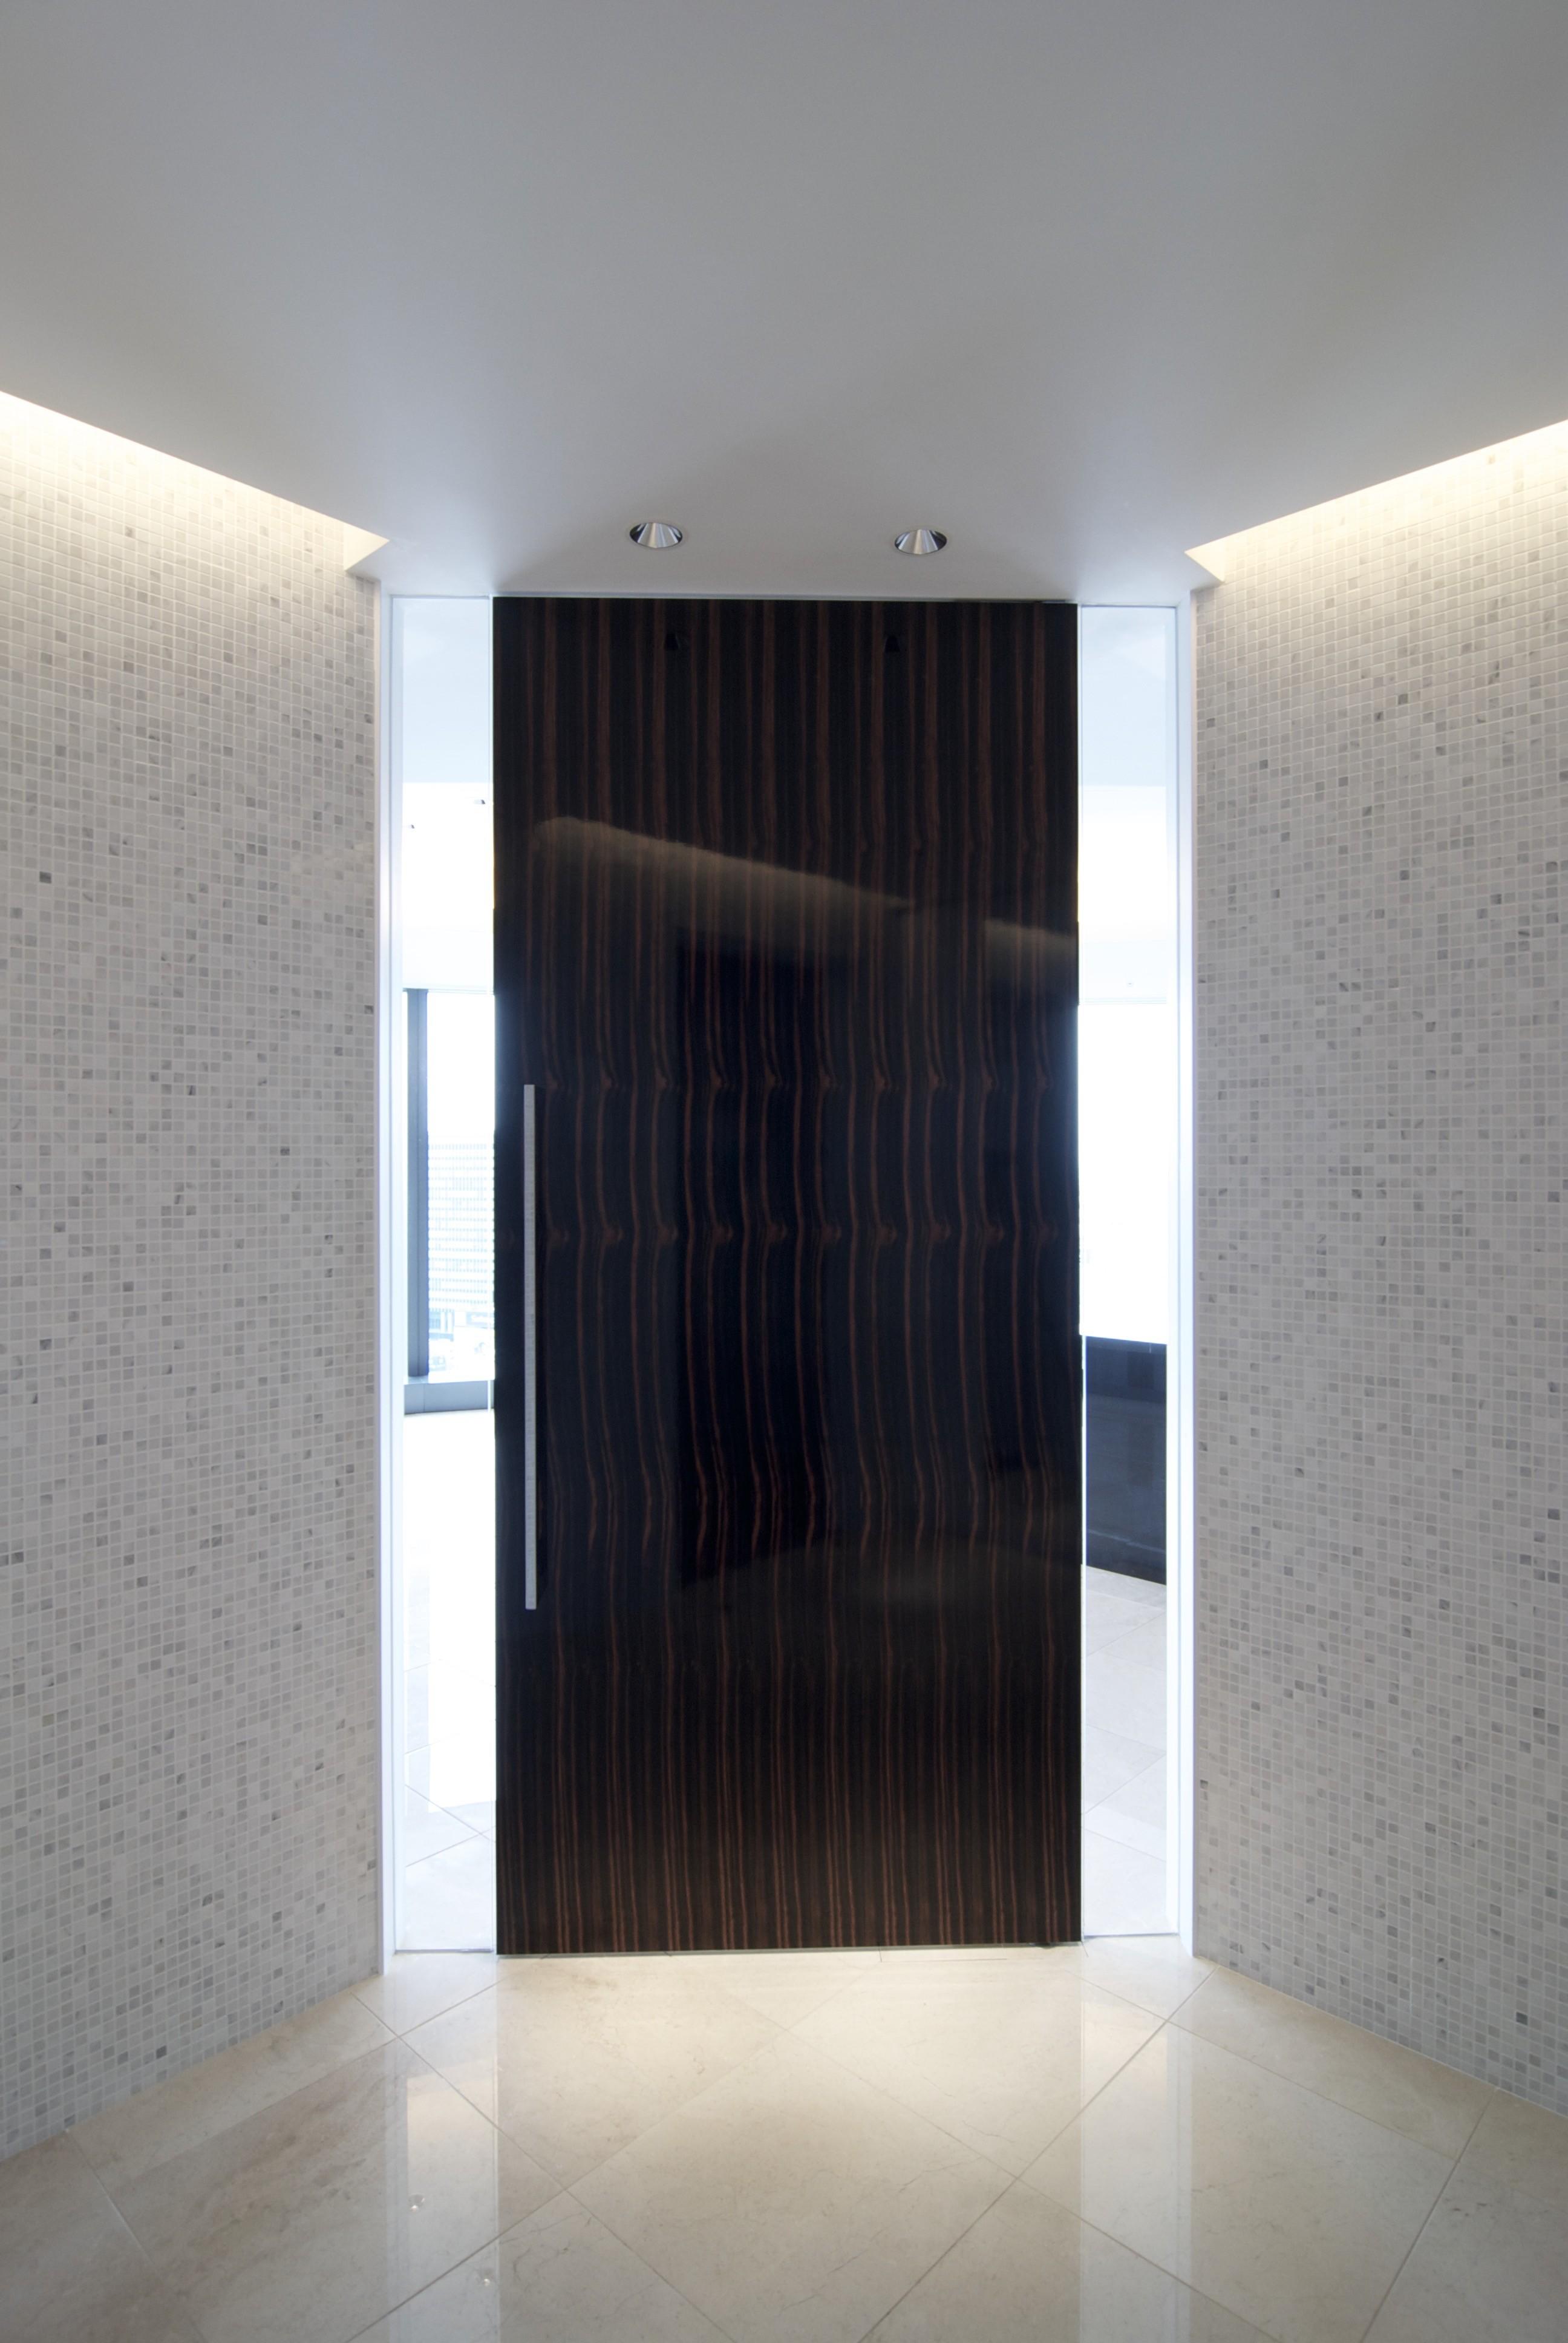 玄関事例:玄関ホール(高層階の眺望を楽しむ扇型リビングの家)